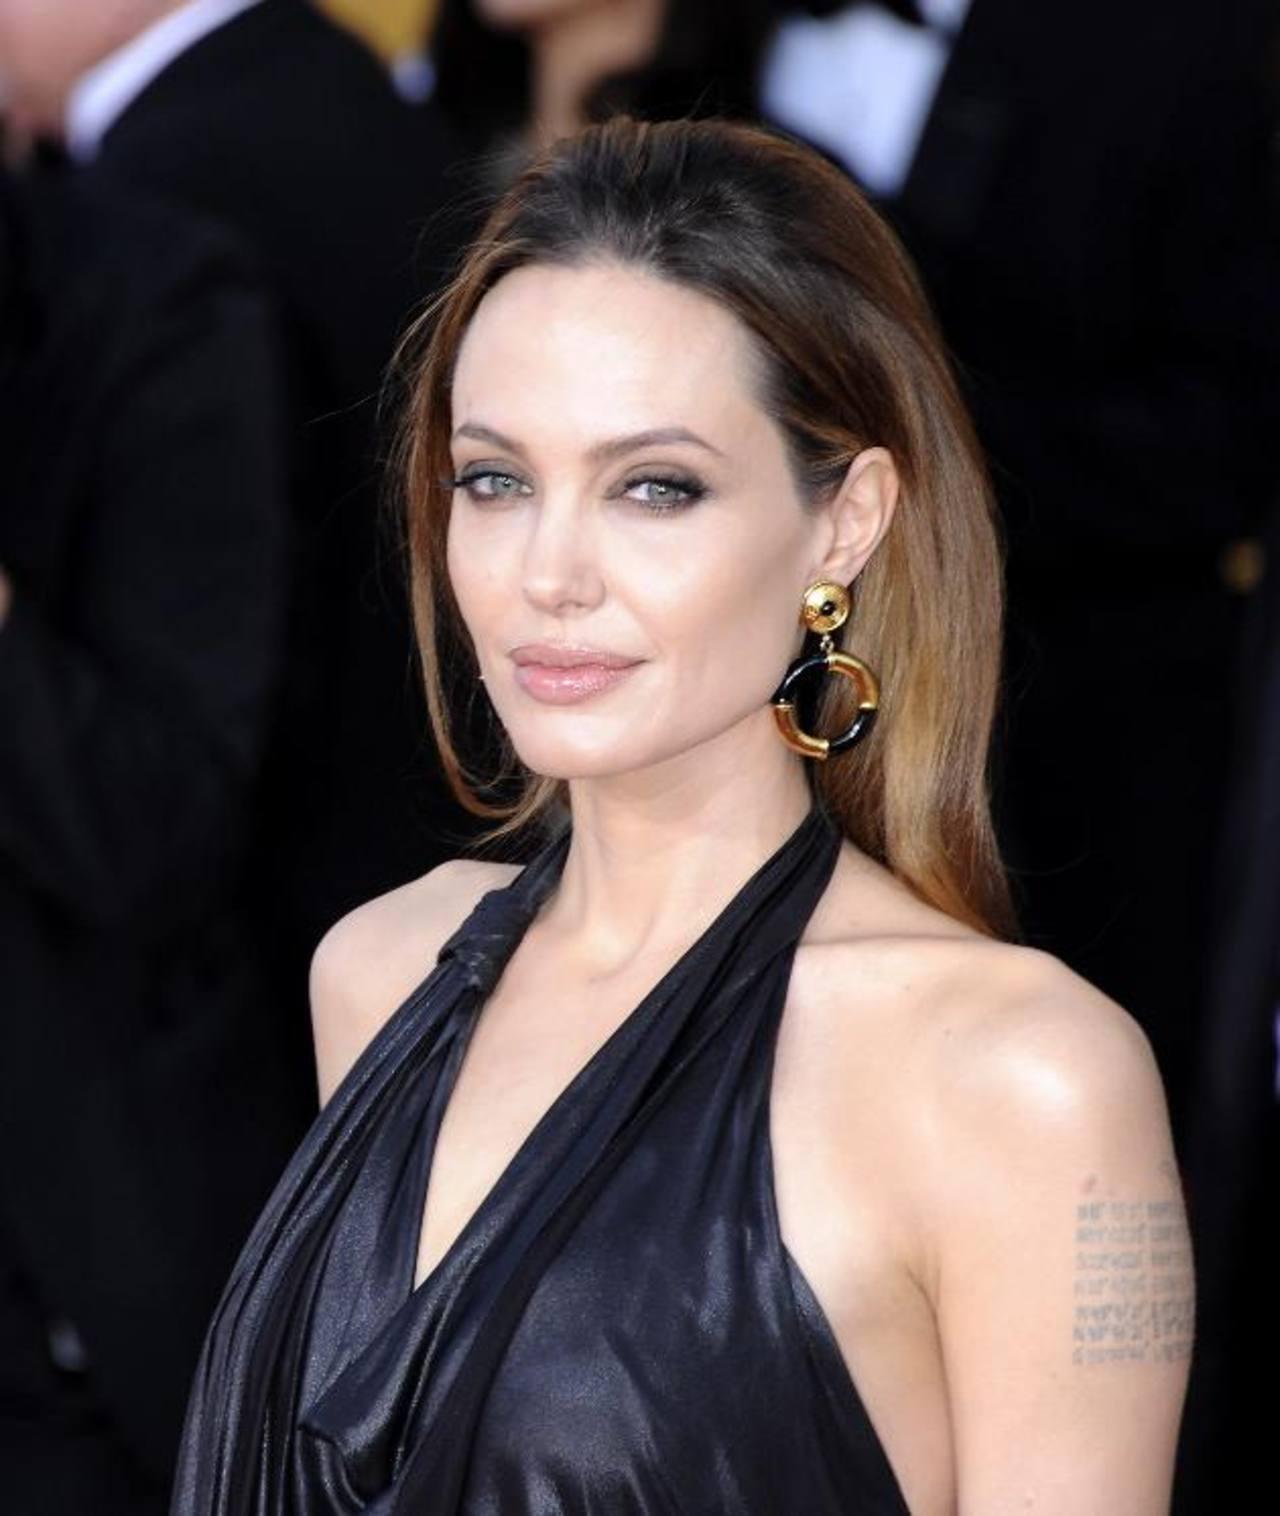 Más detalles de tratamiento de Angelina Jolie salen a la luz